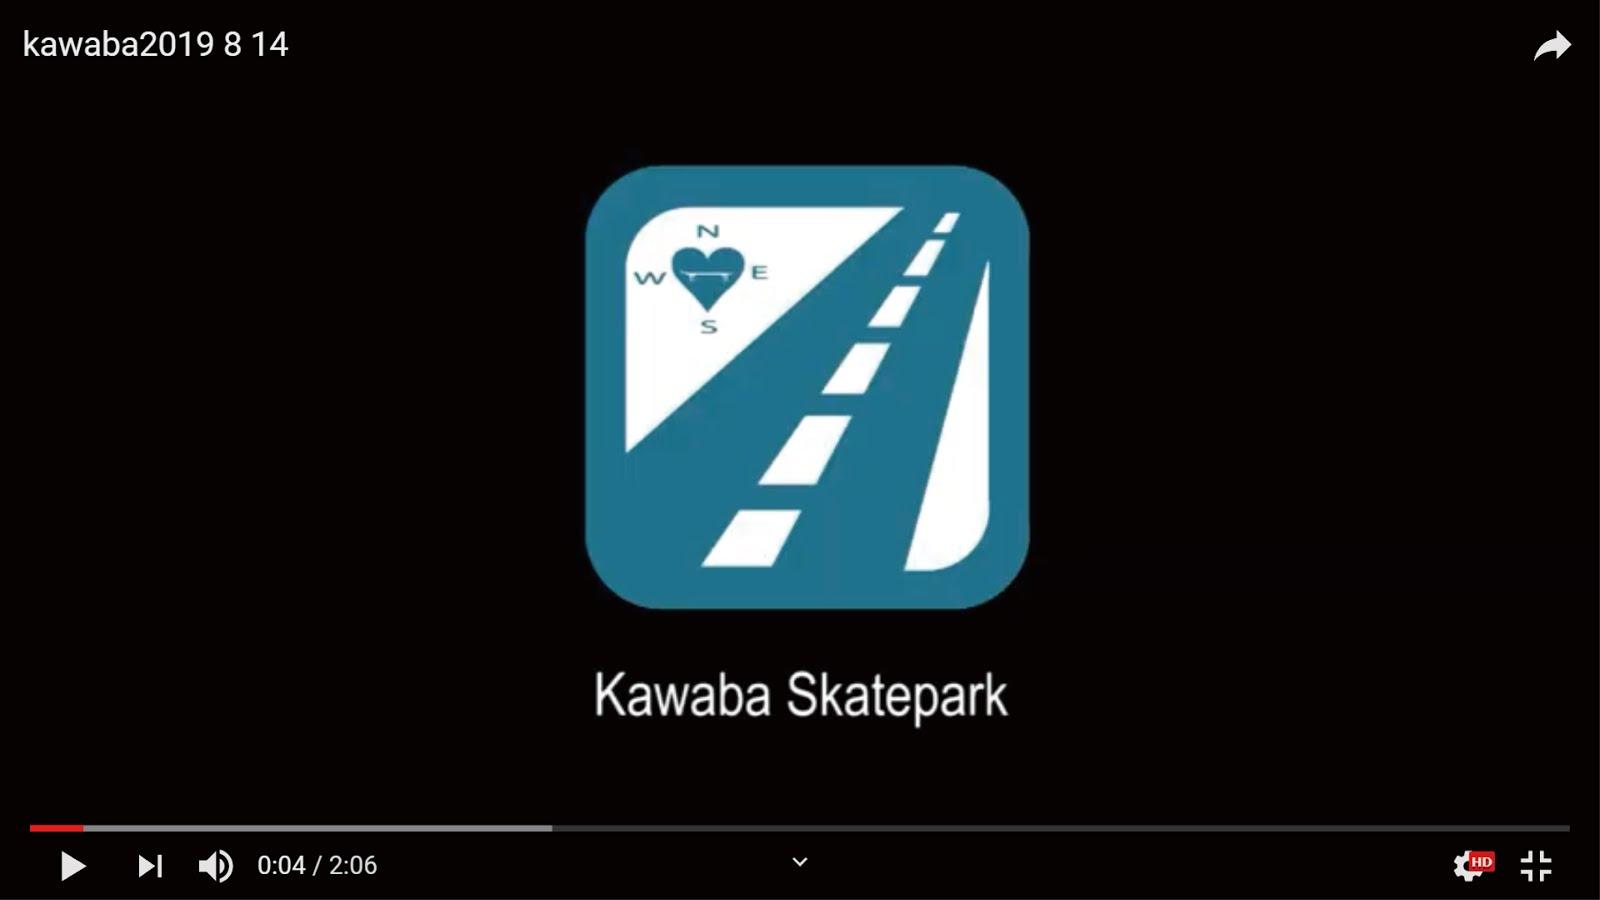 Kawaba Skatepark